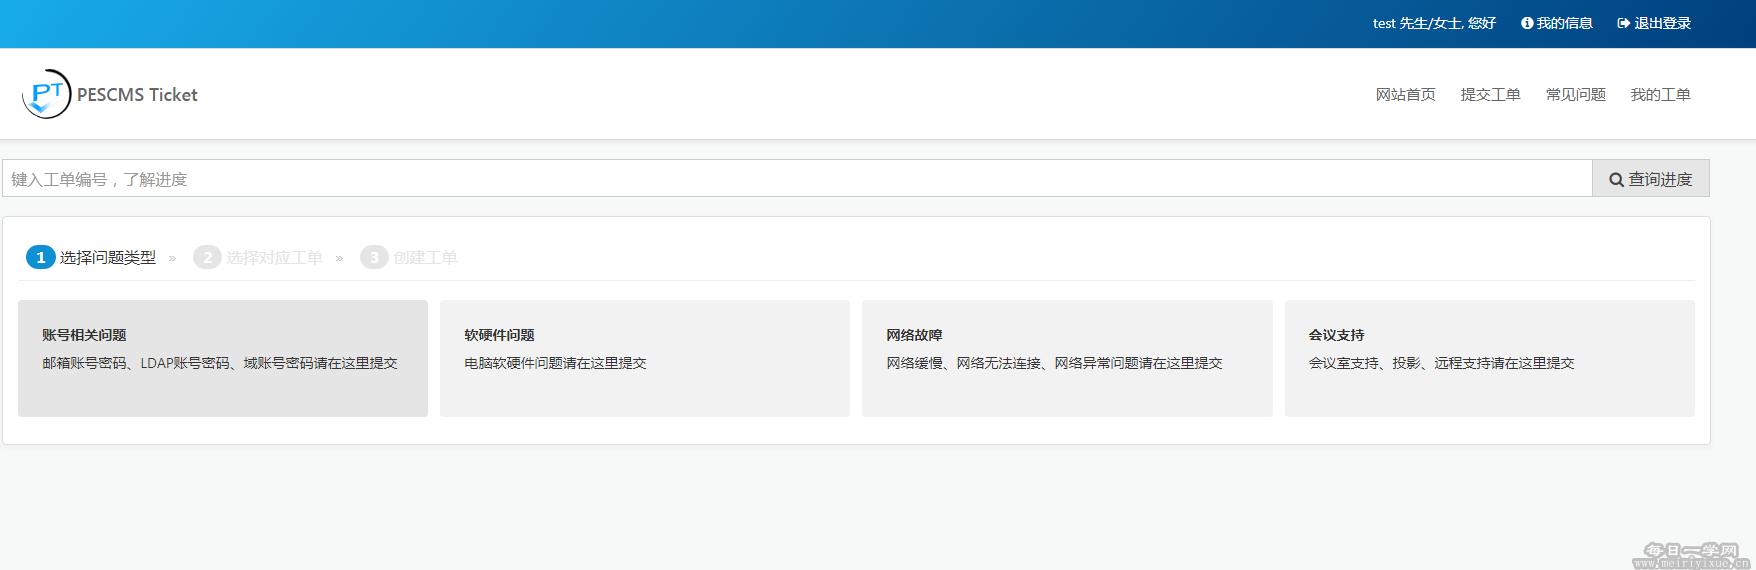 PESCMS TICKET客服工单系统源码,支持企业微信消息对接 源码下载 第2张